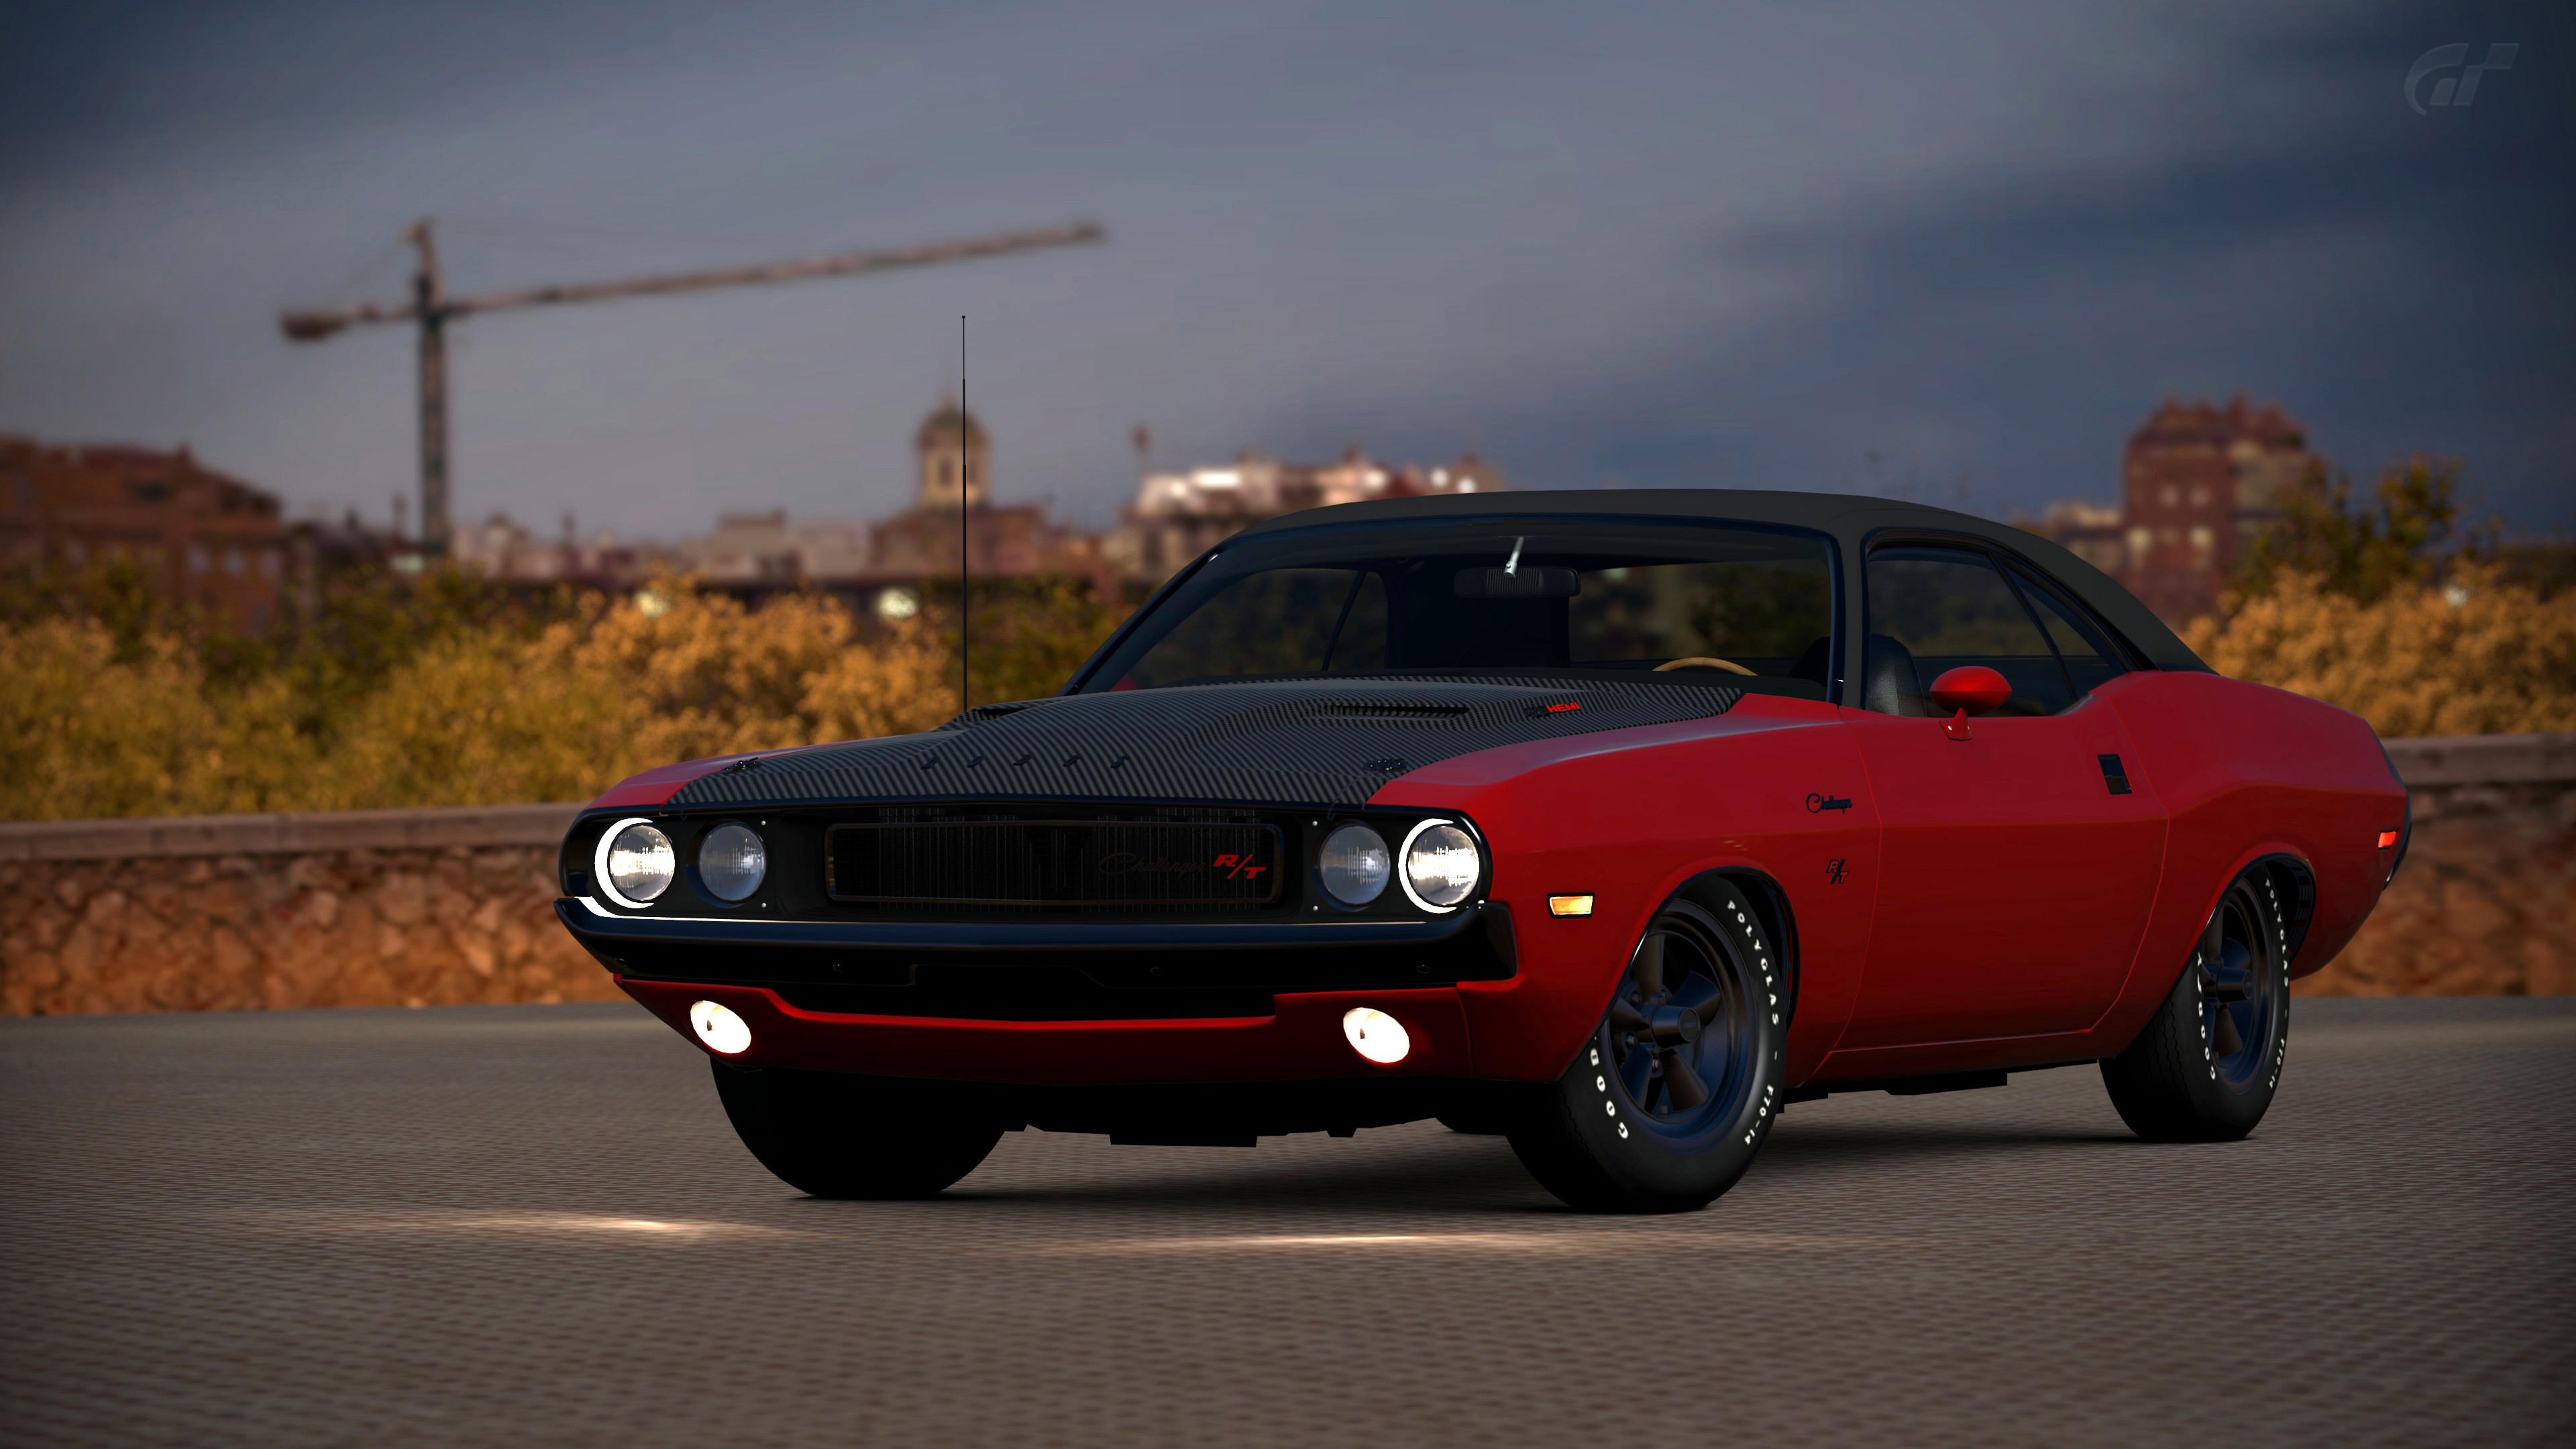 Классический старинный автомобиль красно-черного цвета с включенными фарами вечером